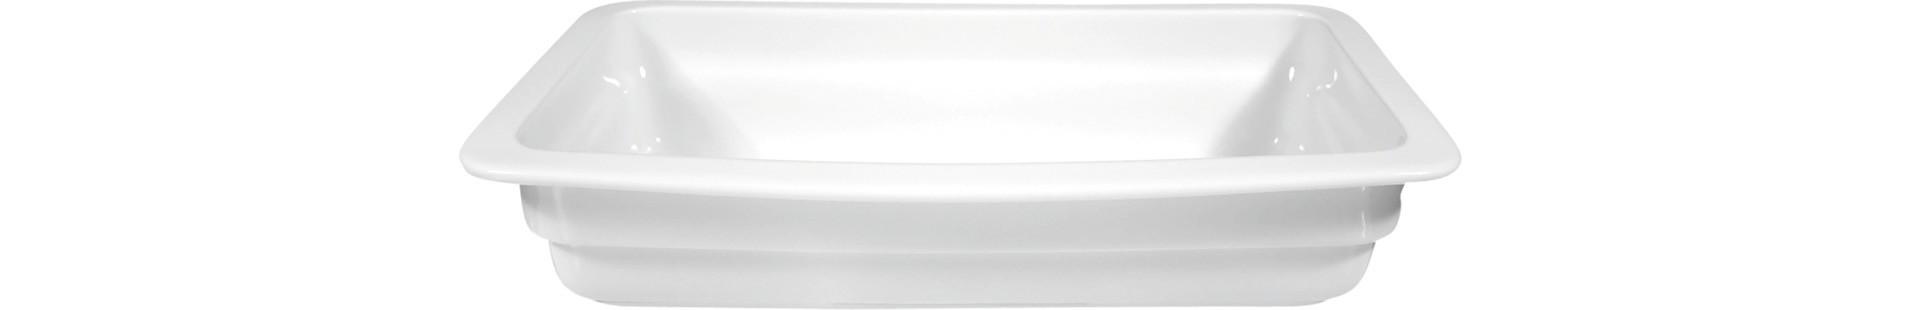 Buffet Gourmet, GN-Behälter GN 1/3 325 x 176 x 65 mm / 2,30 l